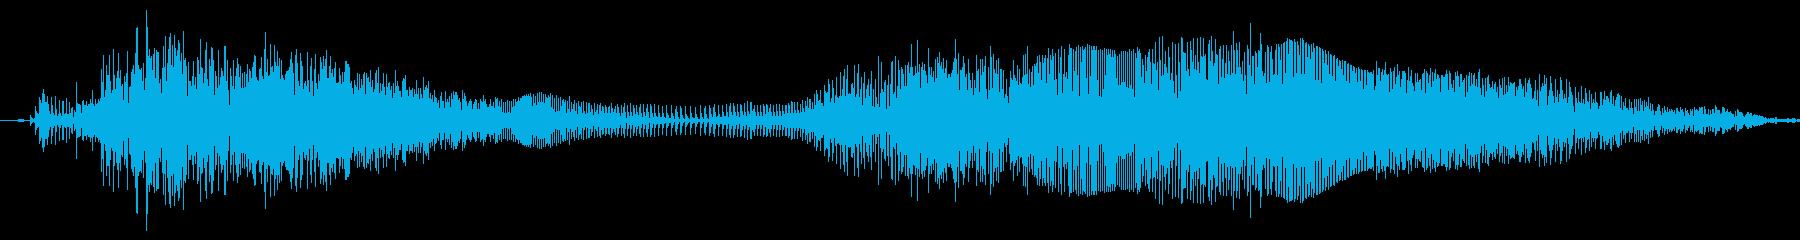 猫怒りの鳴き声の再生済みの波形